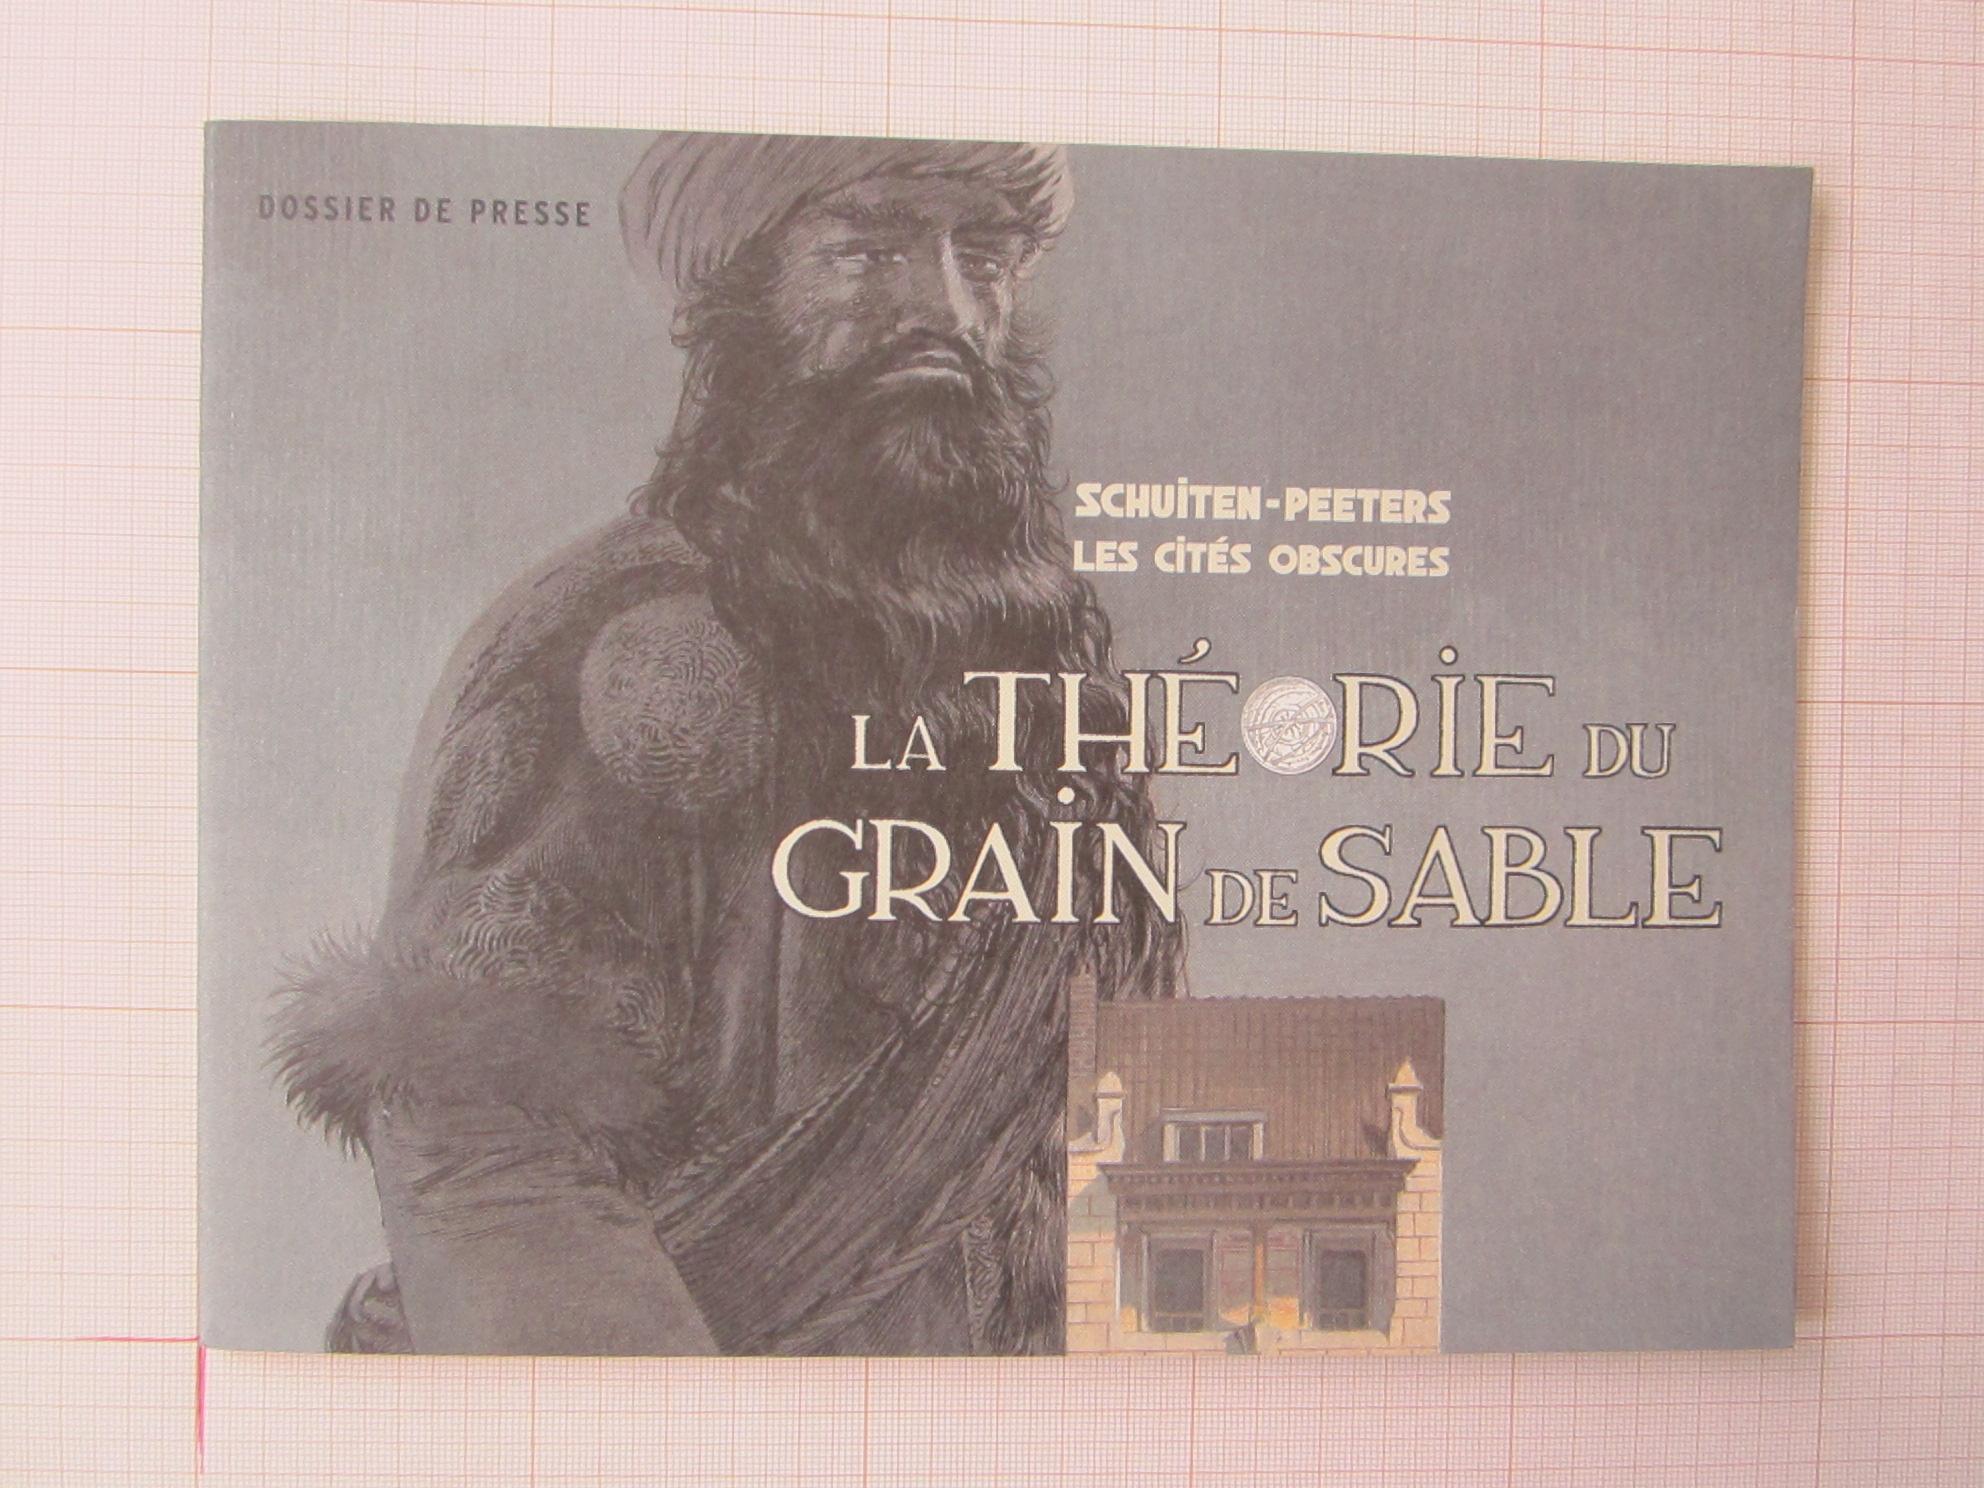 Dossier de presse - La Théorie du grain de sable© François Schuiten, 2007